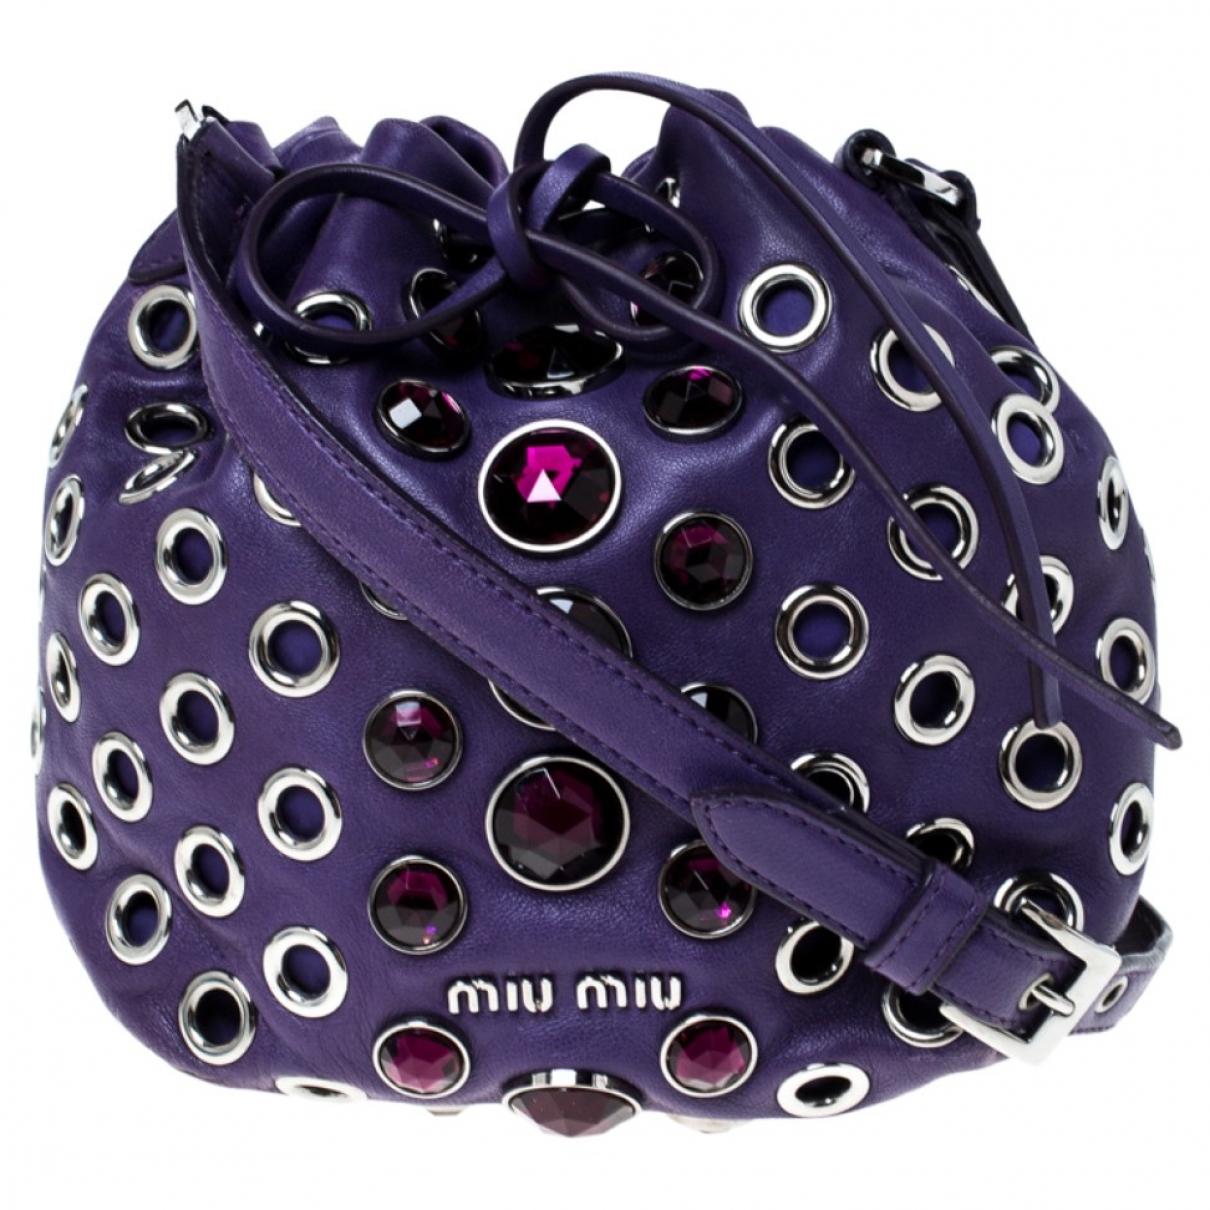 Miu Miu Miu Crystal Handtasche in  Lila Leder